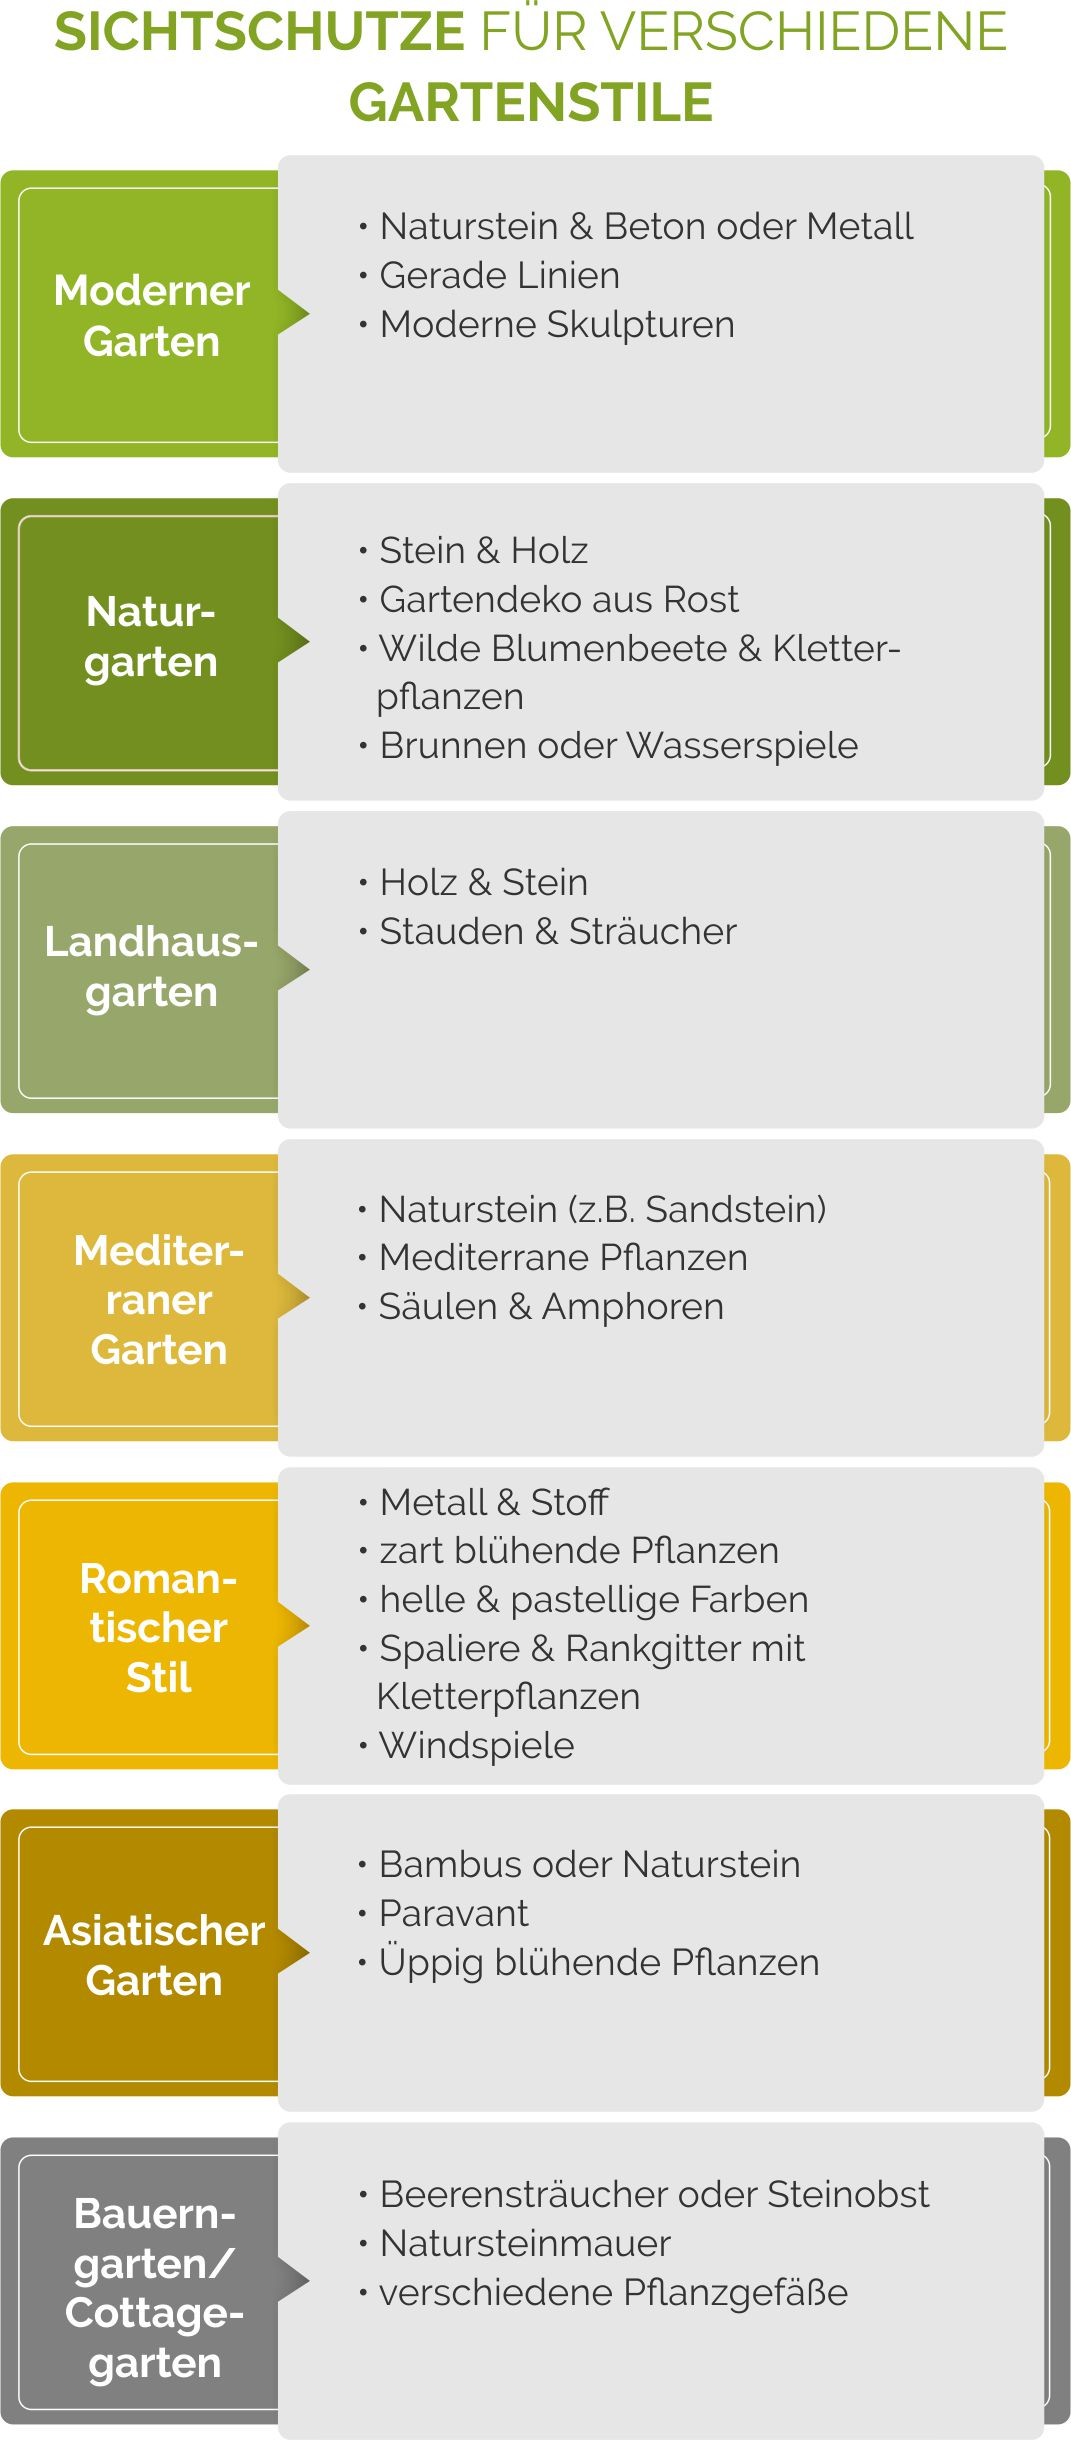 Sichtschutze für verschiedene Gartenstile